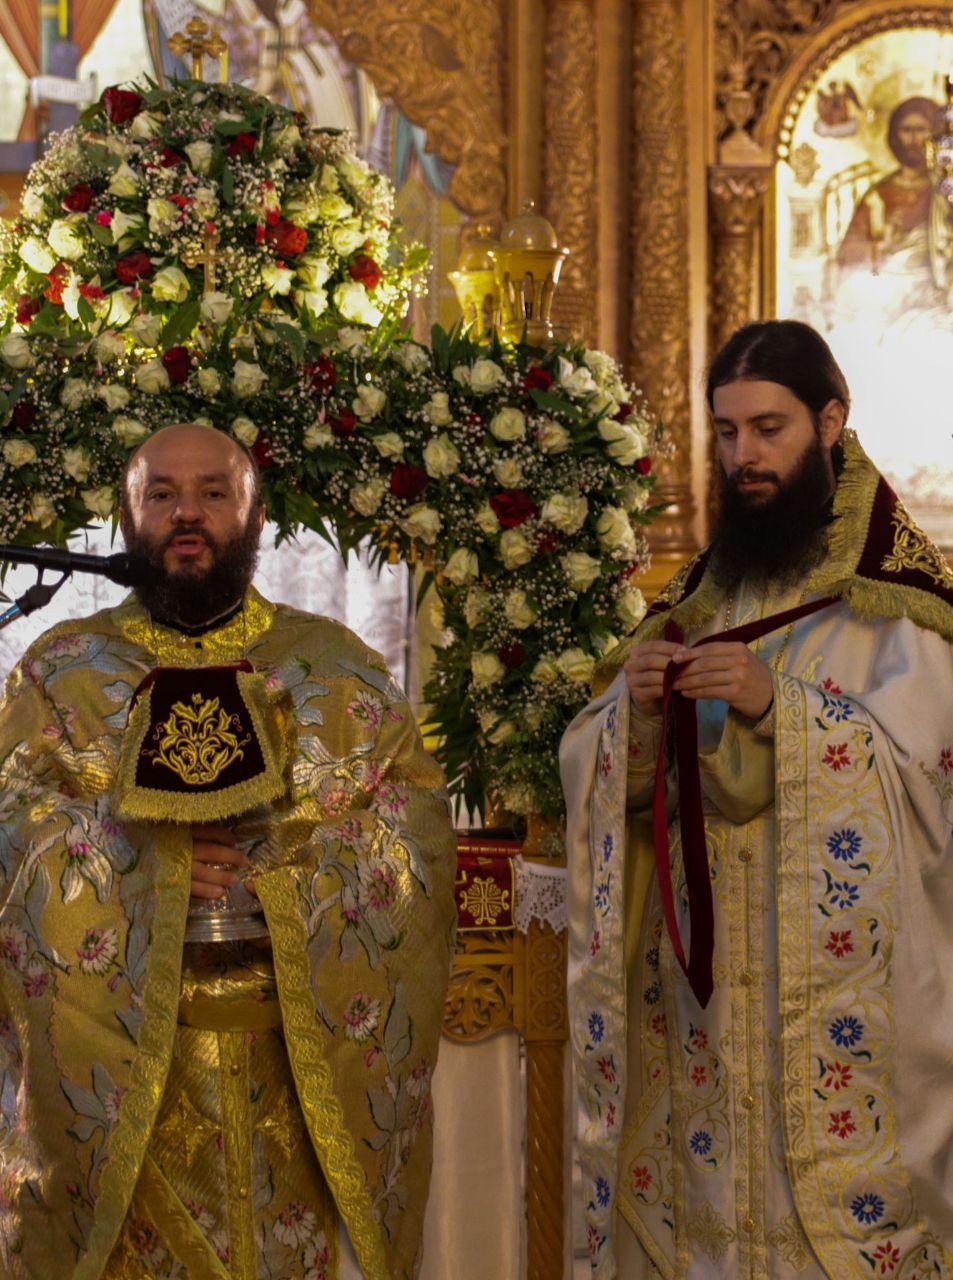 Πρώτη Ανάσταση στον Ιερό Ναό Αναλήψεως Κυρίου Νέου Κόσμου FOTO